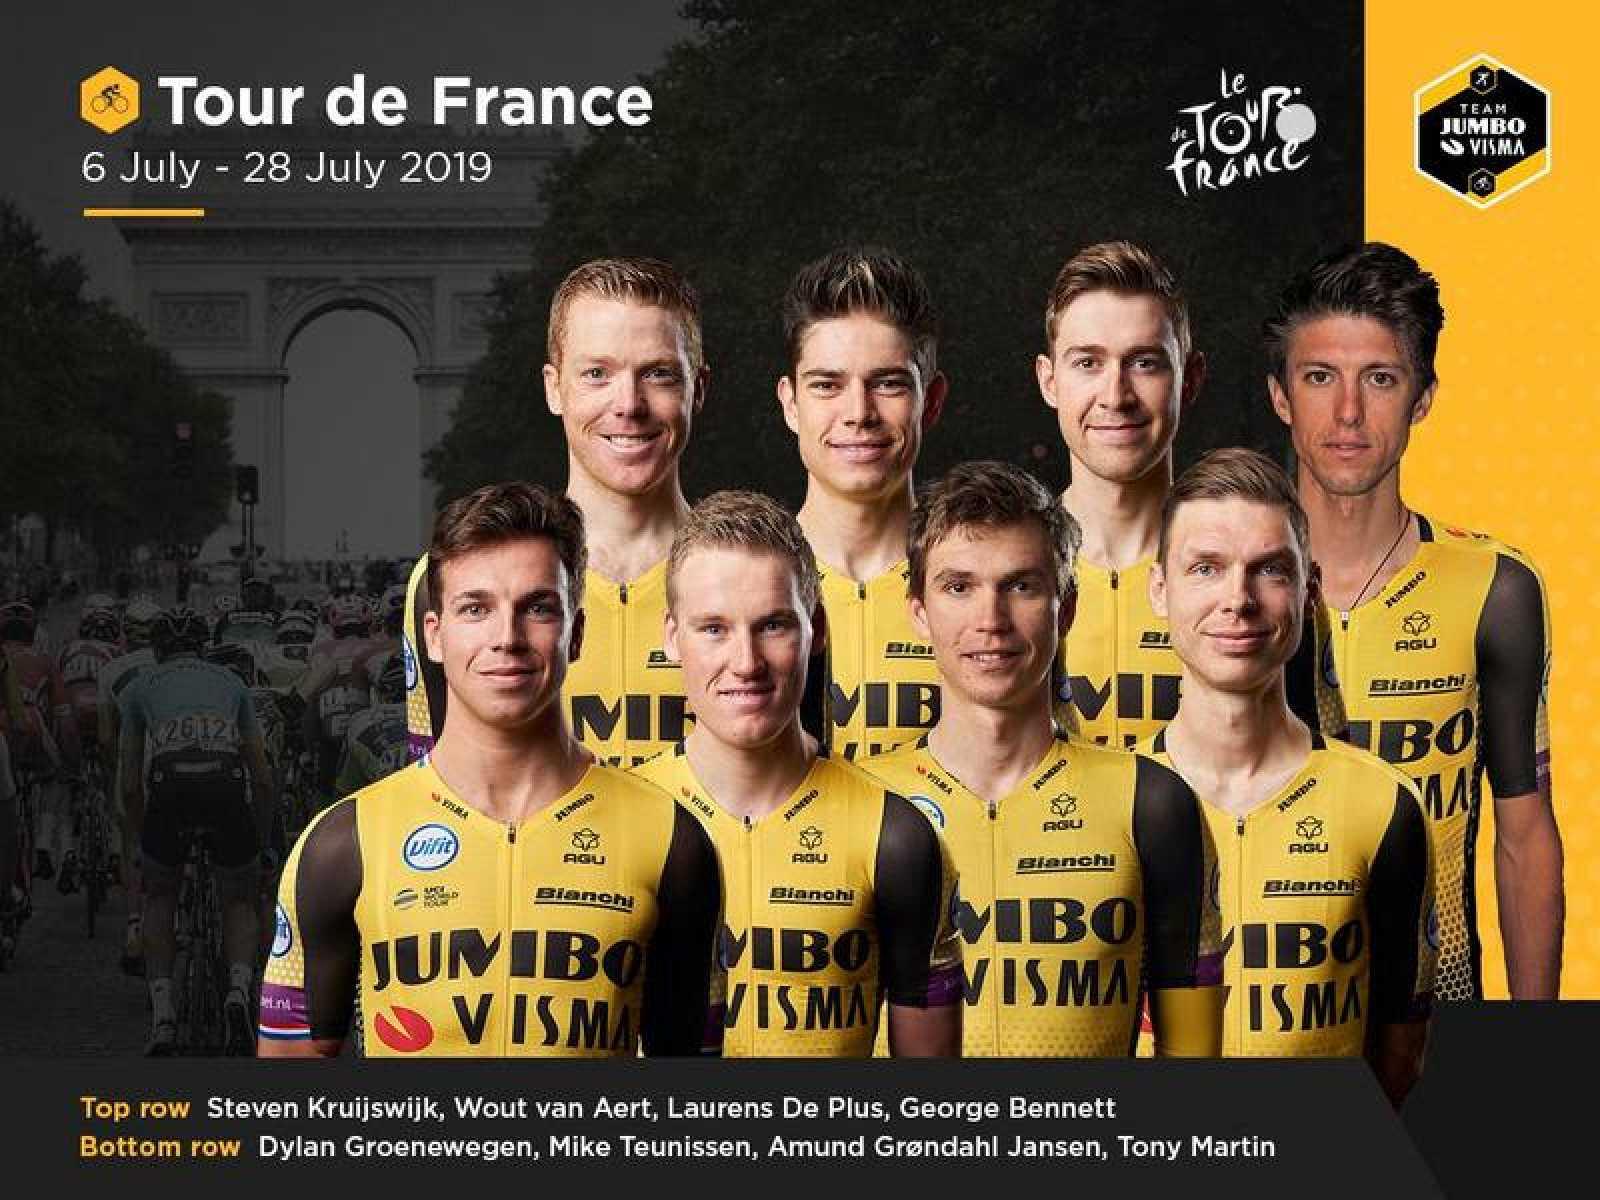 Imagen publicada por el equipo holandés Jumbo Visma con el equiupo elegido para disputar el Tour 2019.